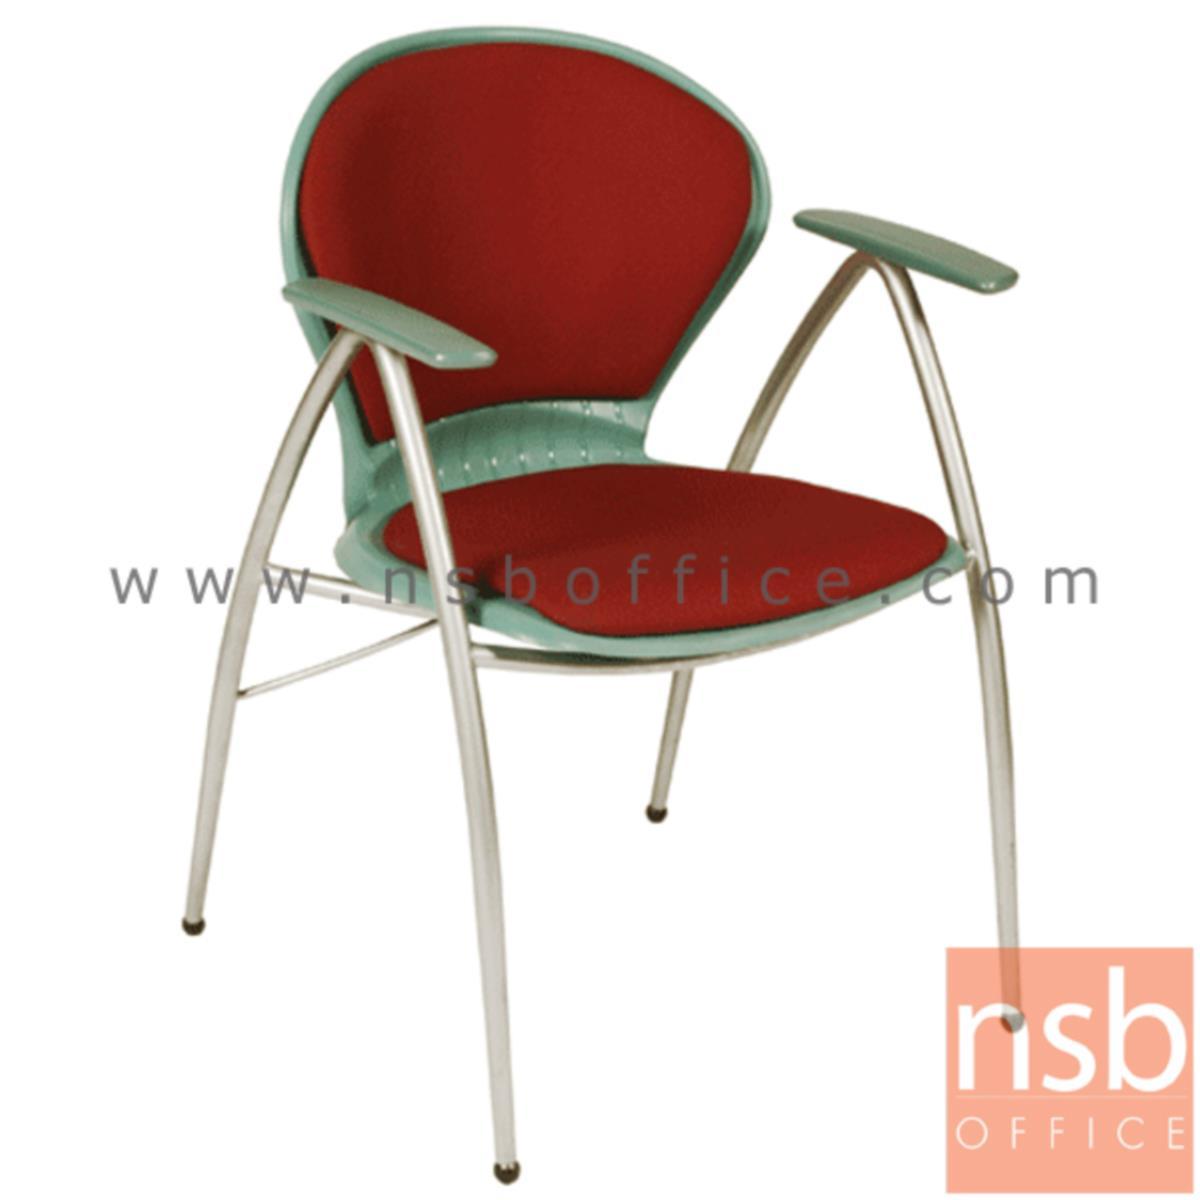 เก้าอี้อเนกประสงค์เฟรมโพลี่ รุ่น A766-166  ขาเหล็กพ่นสีเทา